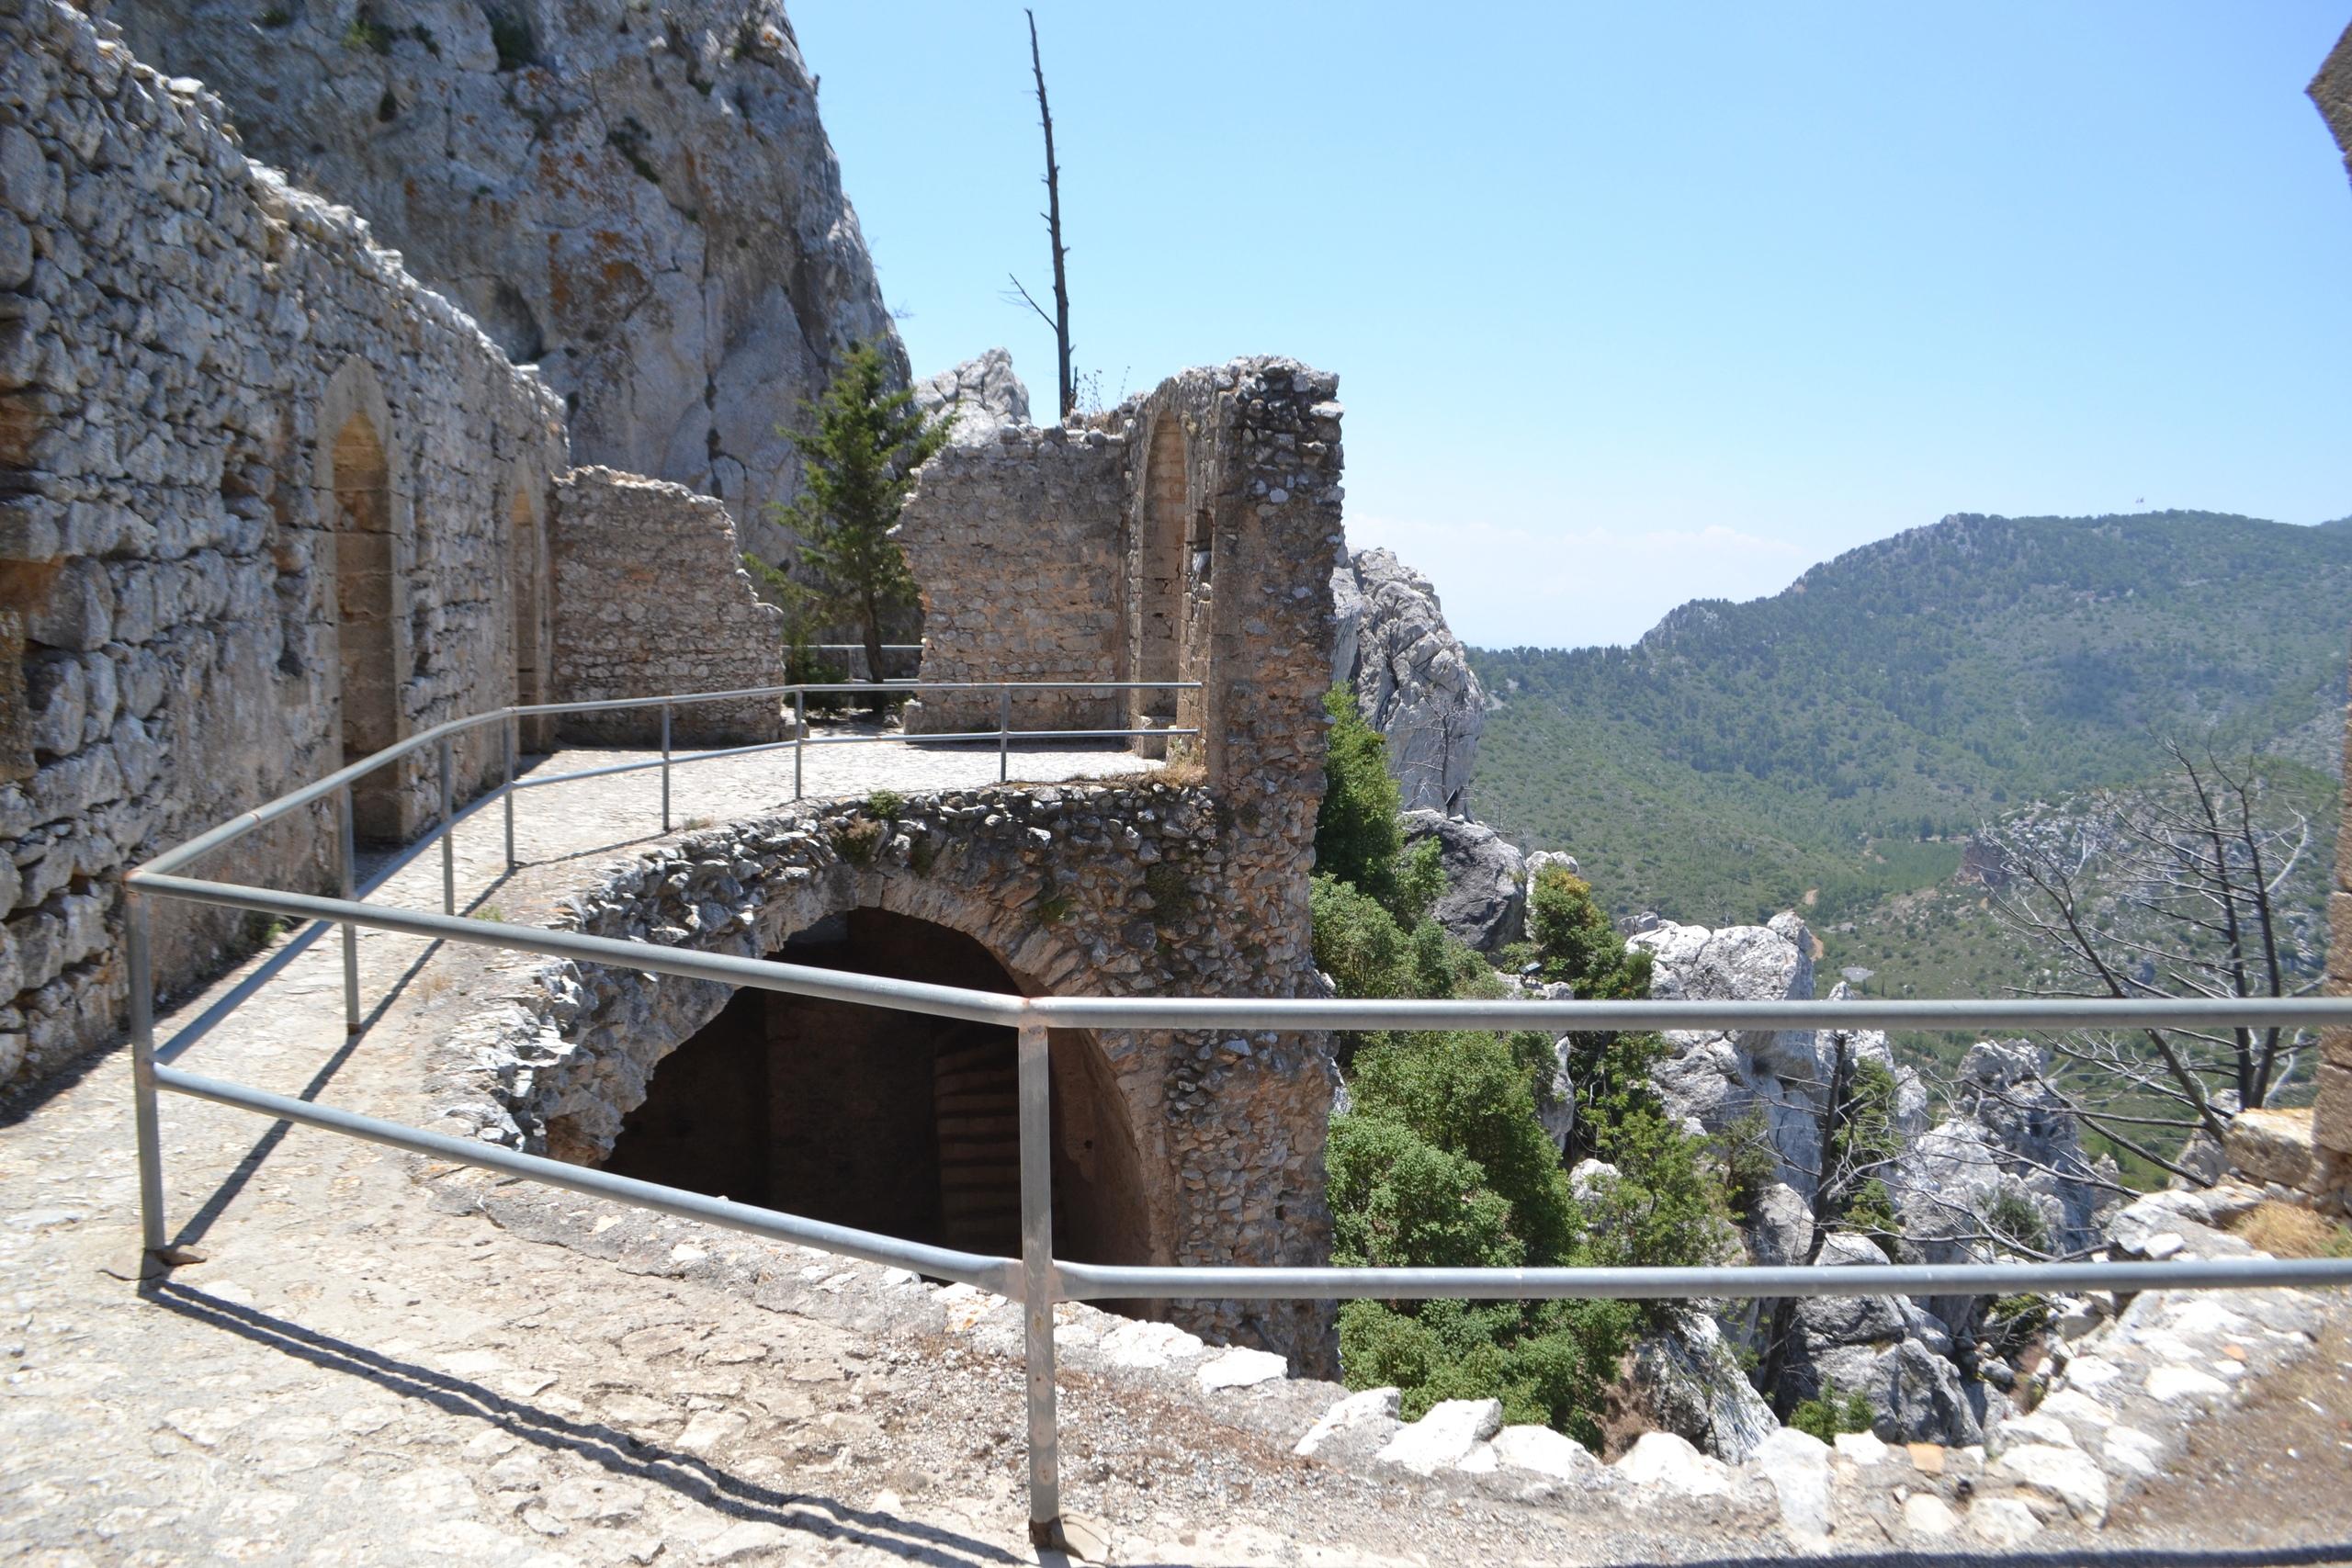 Северный Кипр. Замок Святого Иллариона. (фото). - Страница 3 X4mcmzyerYI